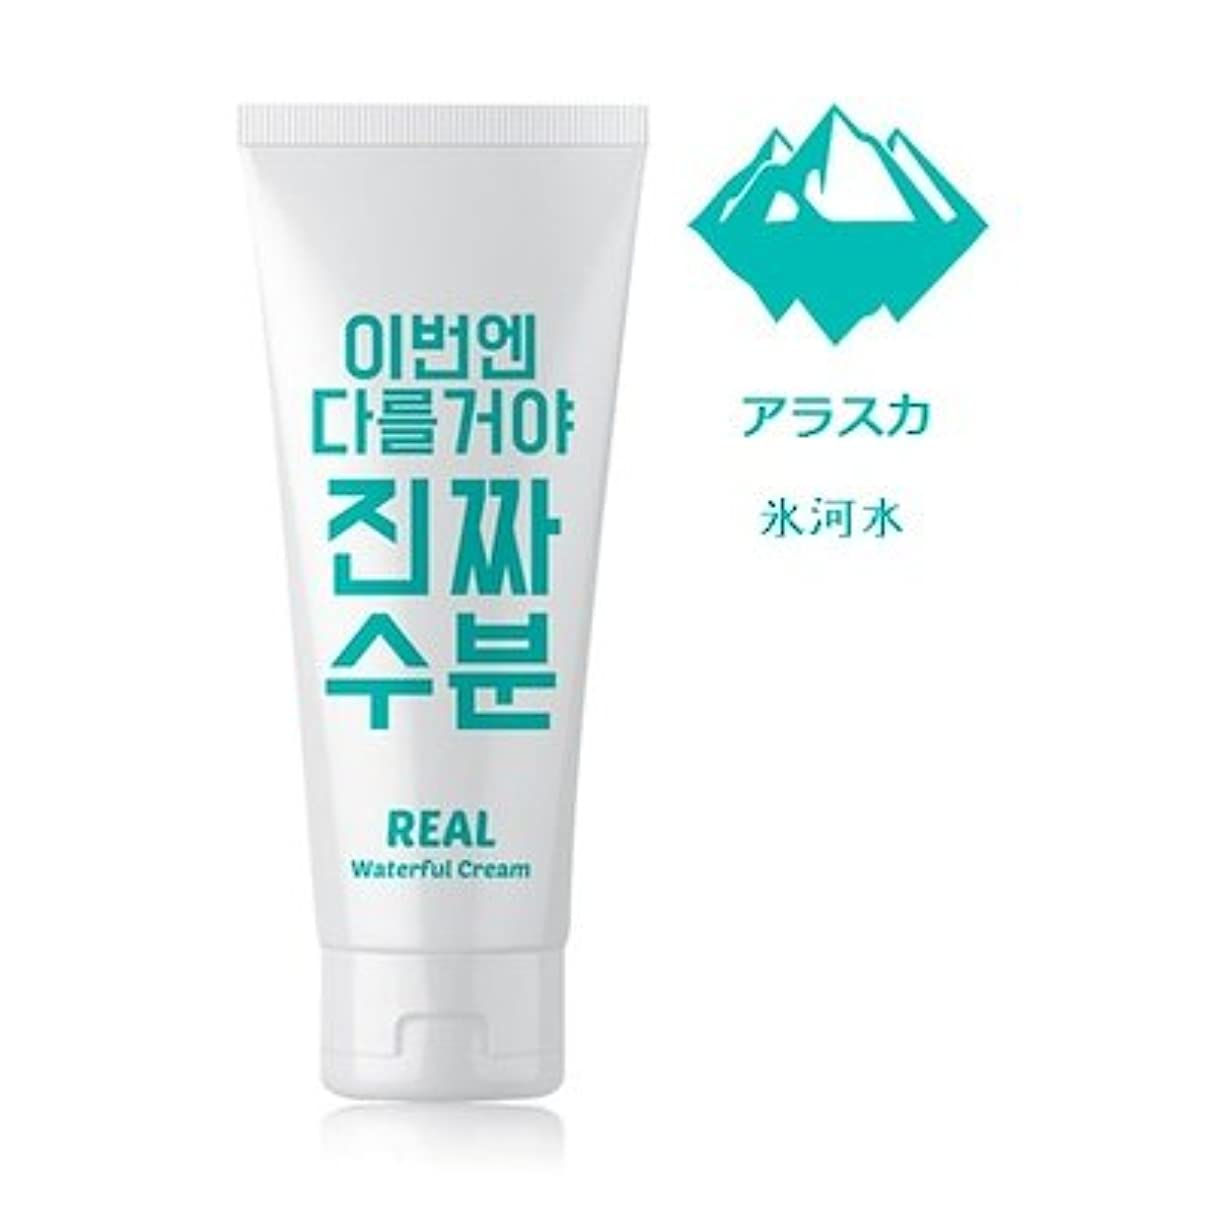 海港ナチュラルつかいますJaminkyung Real Waterful Cream/孜民耕 [ジャミンギョン] 今度は違うぞ本当の水分クリーム 200ml [並行輸入品]